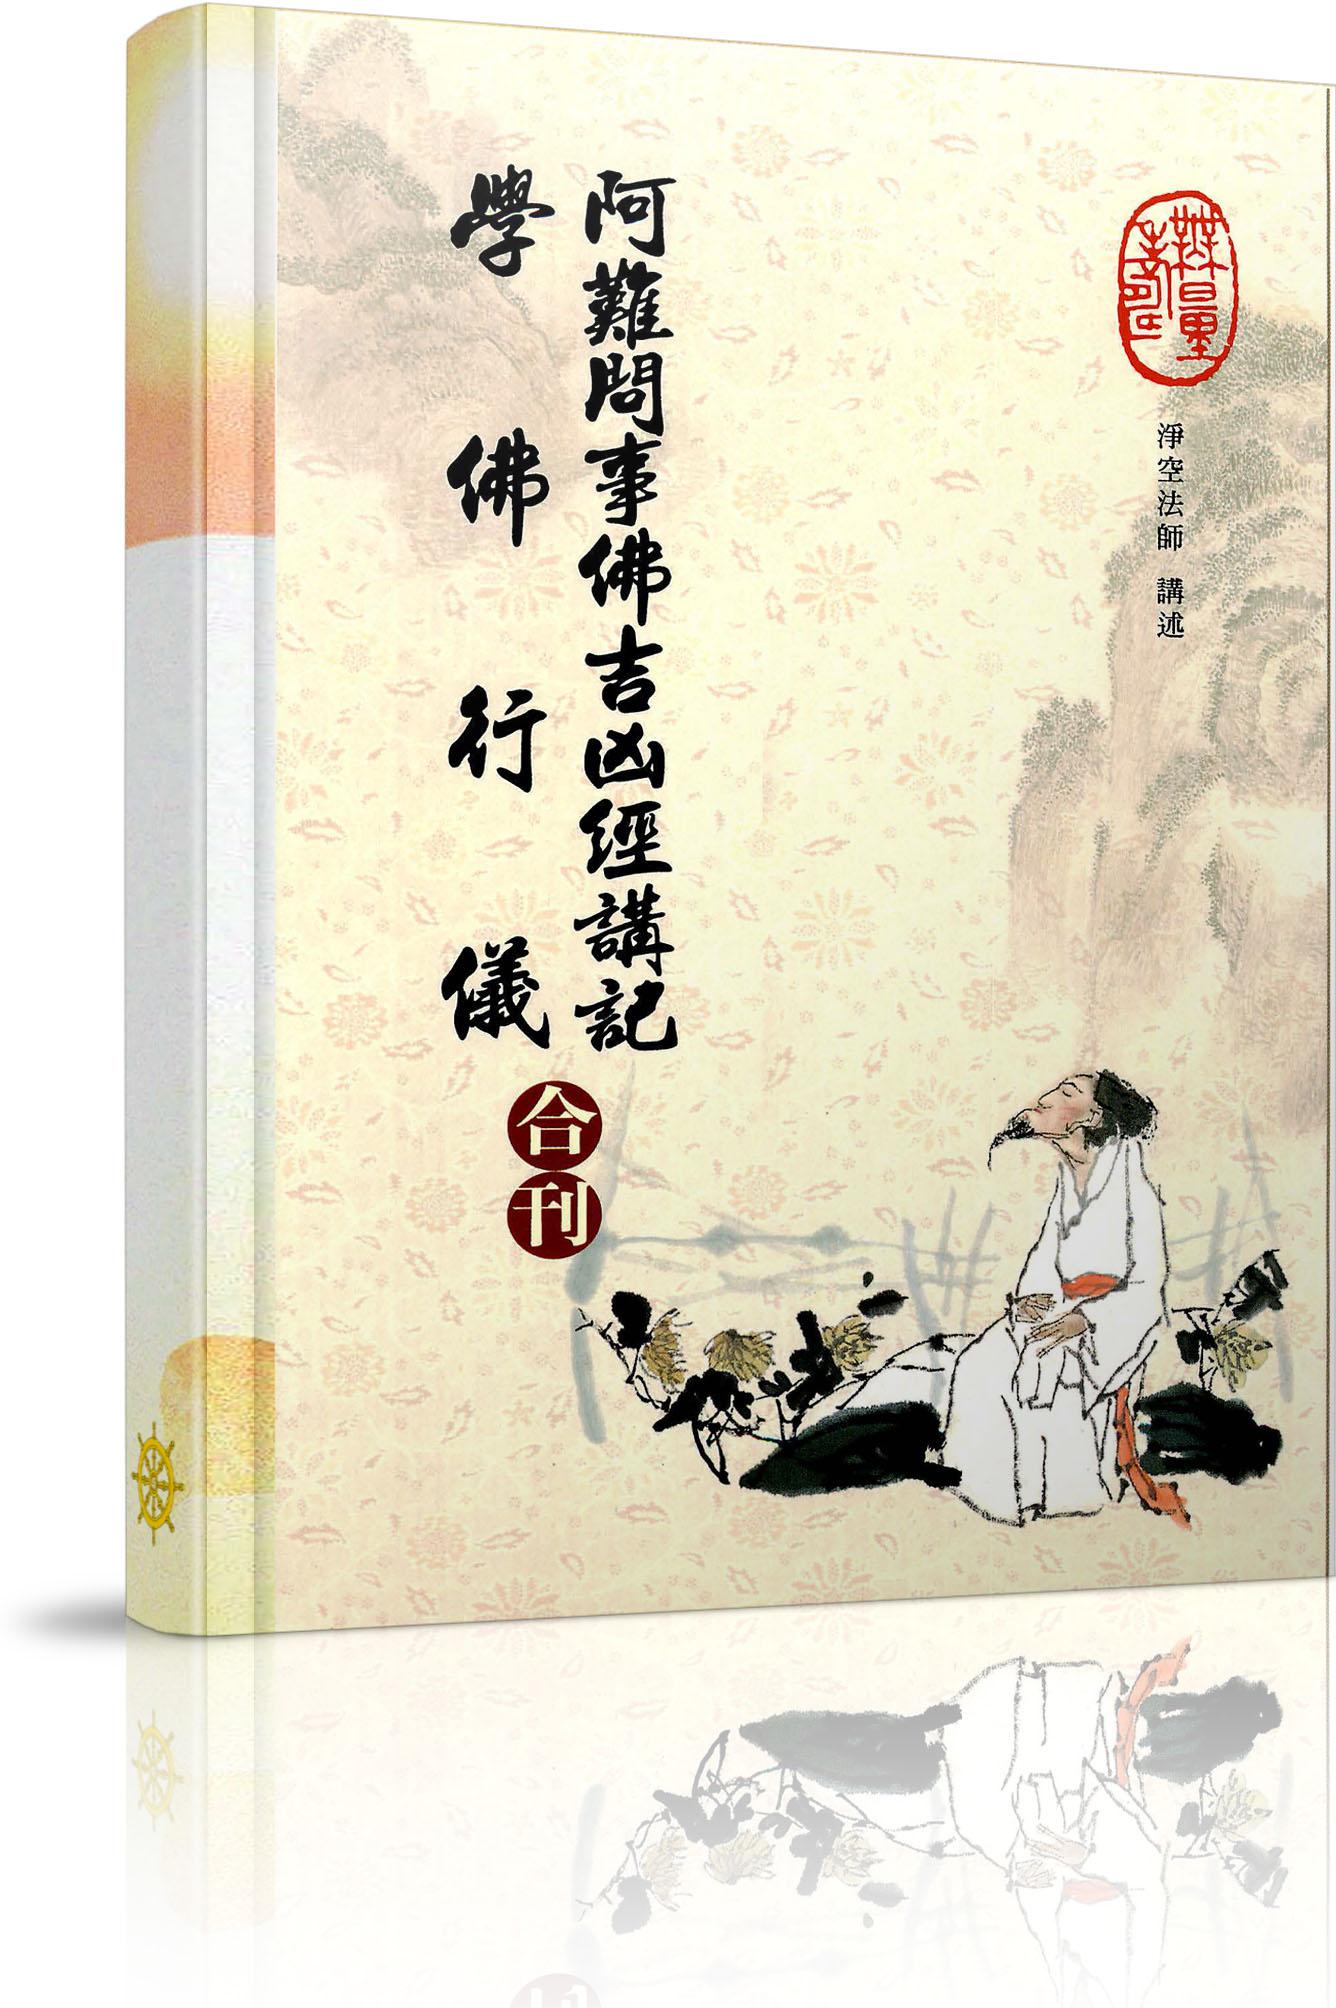 Nguyên bản Hán văn Giảng giải kinh A-nan vấn sự Phật cát hung - Bản PDF